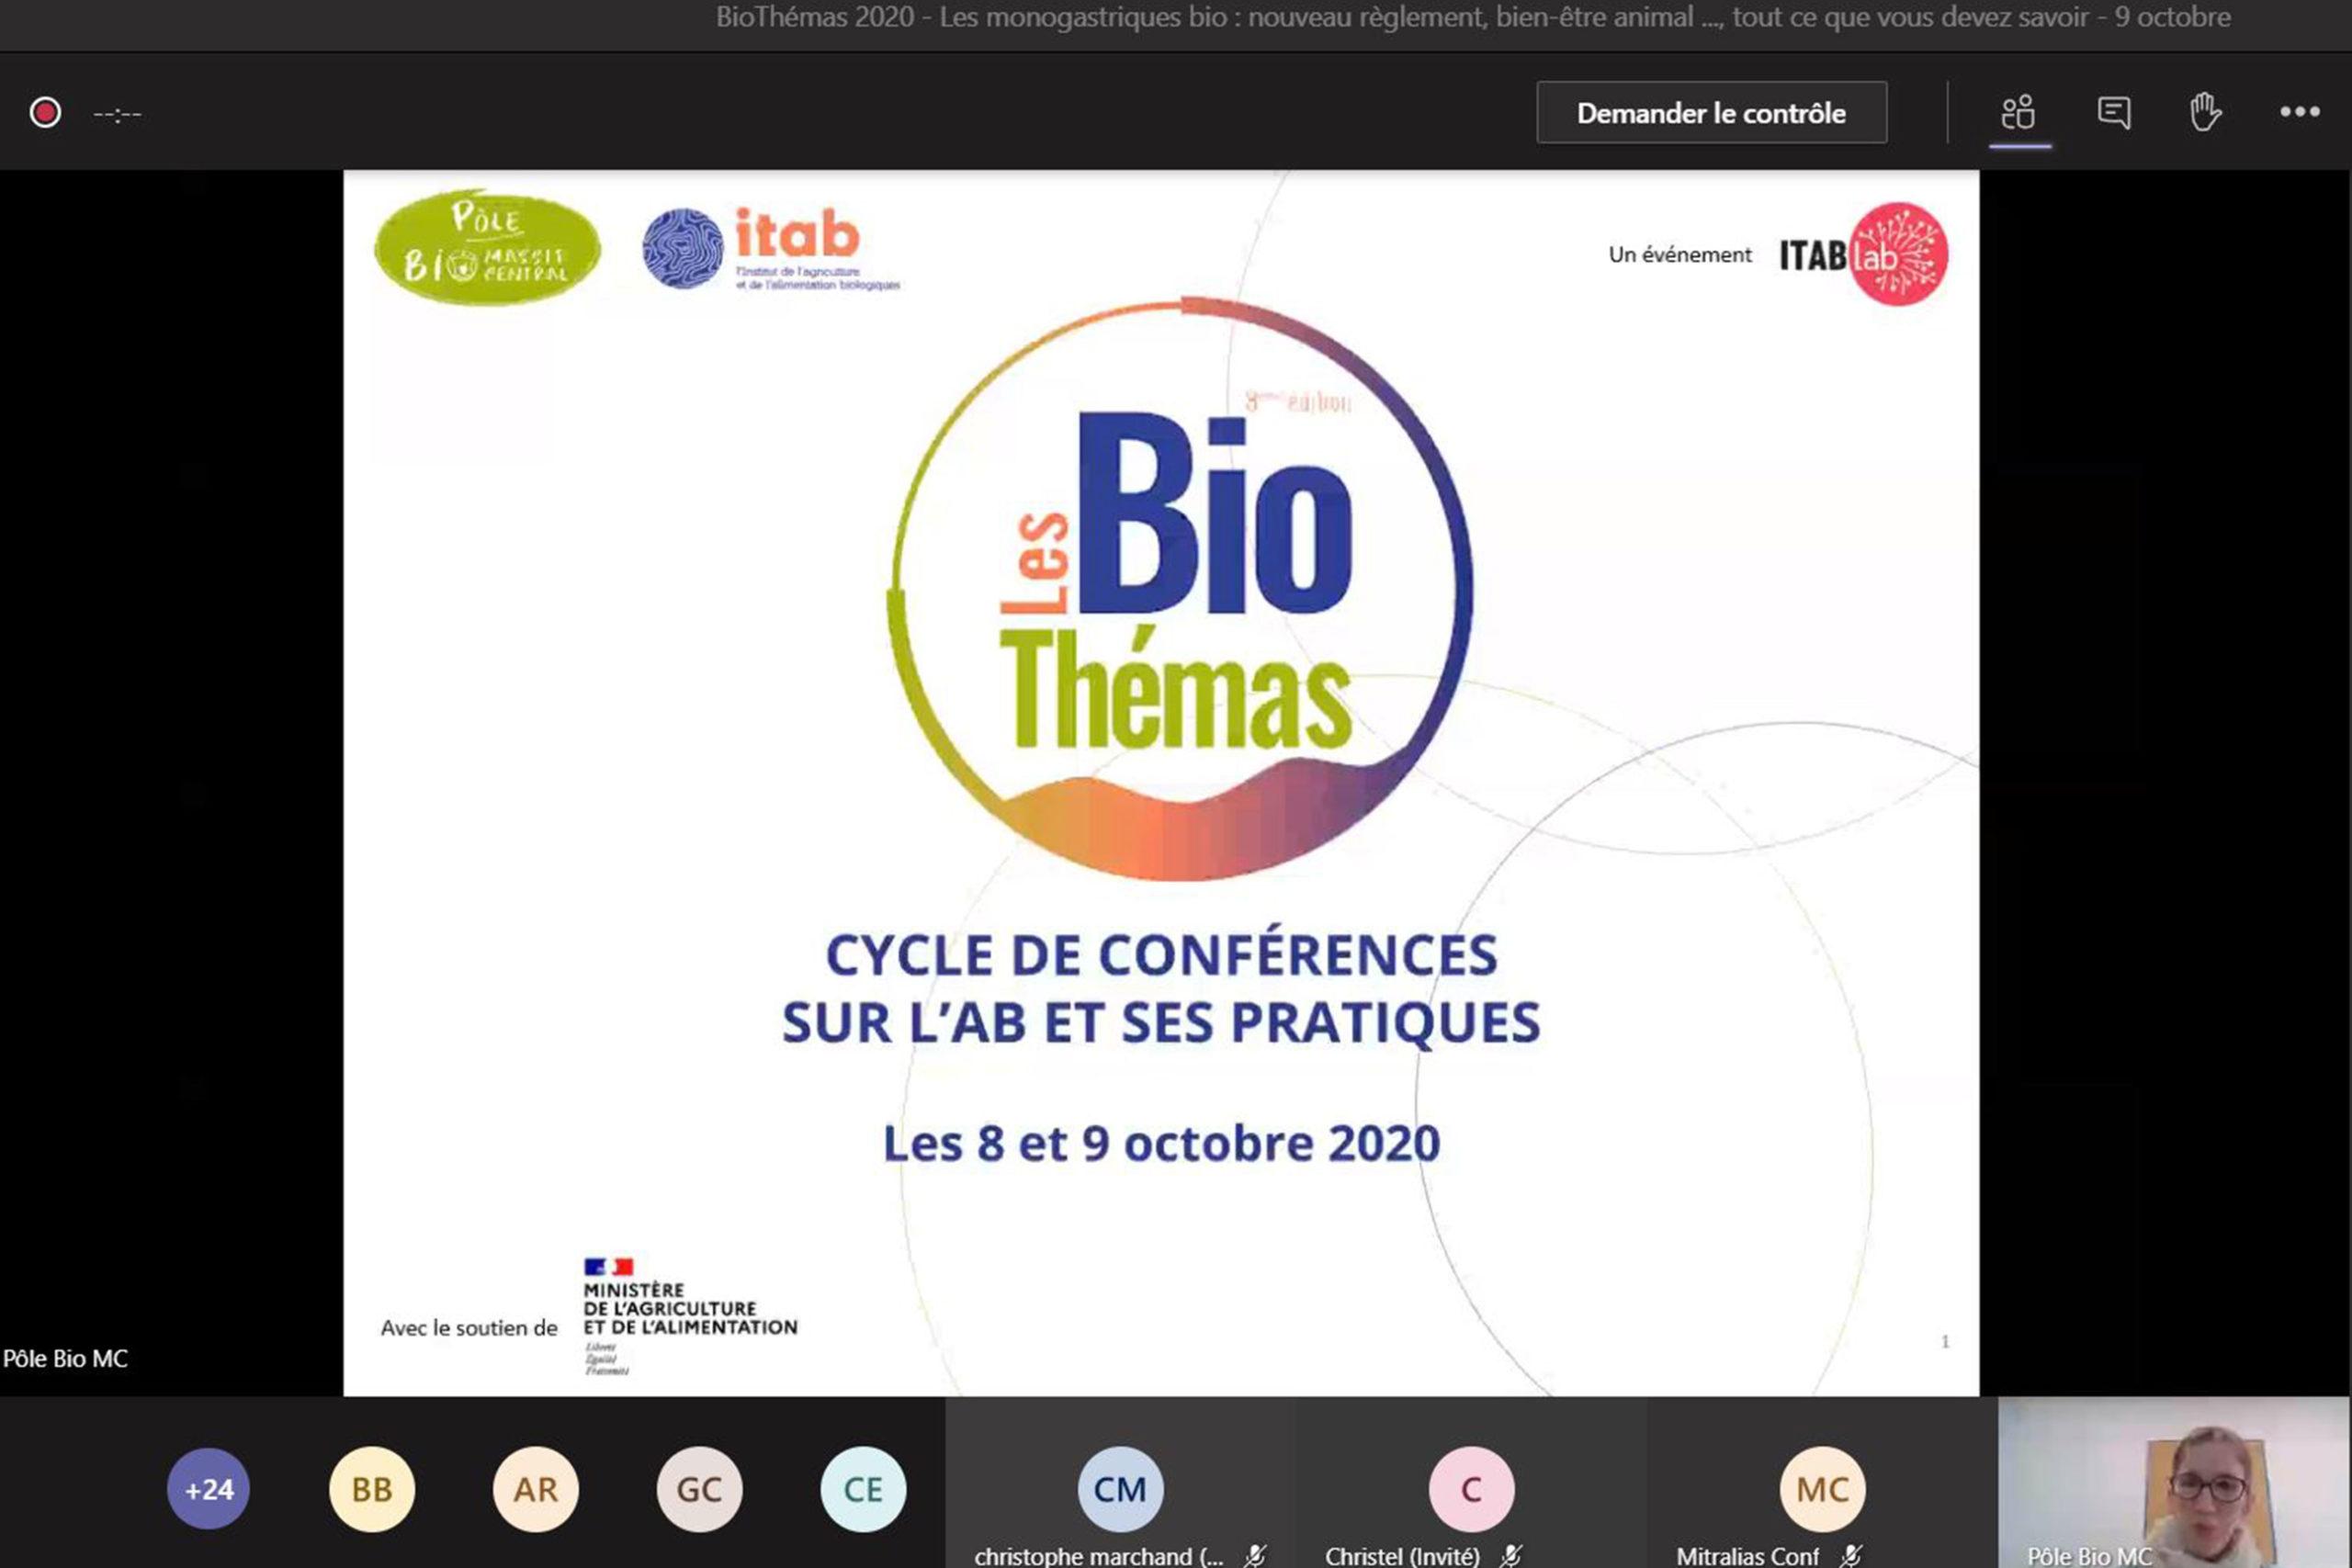 Plus de 100 participants pour la 8ème édition des BioThémas